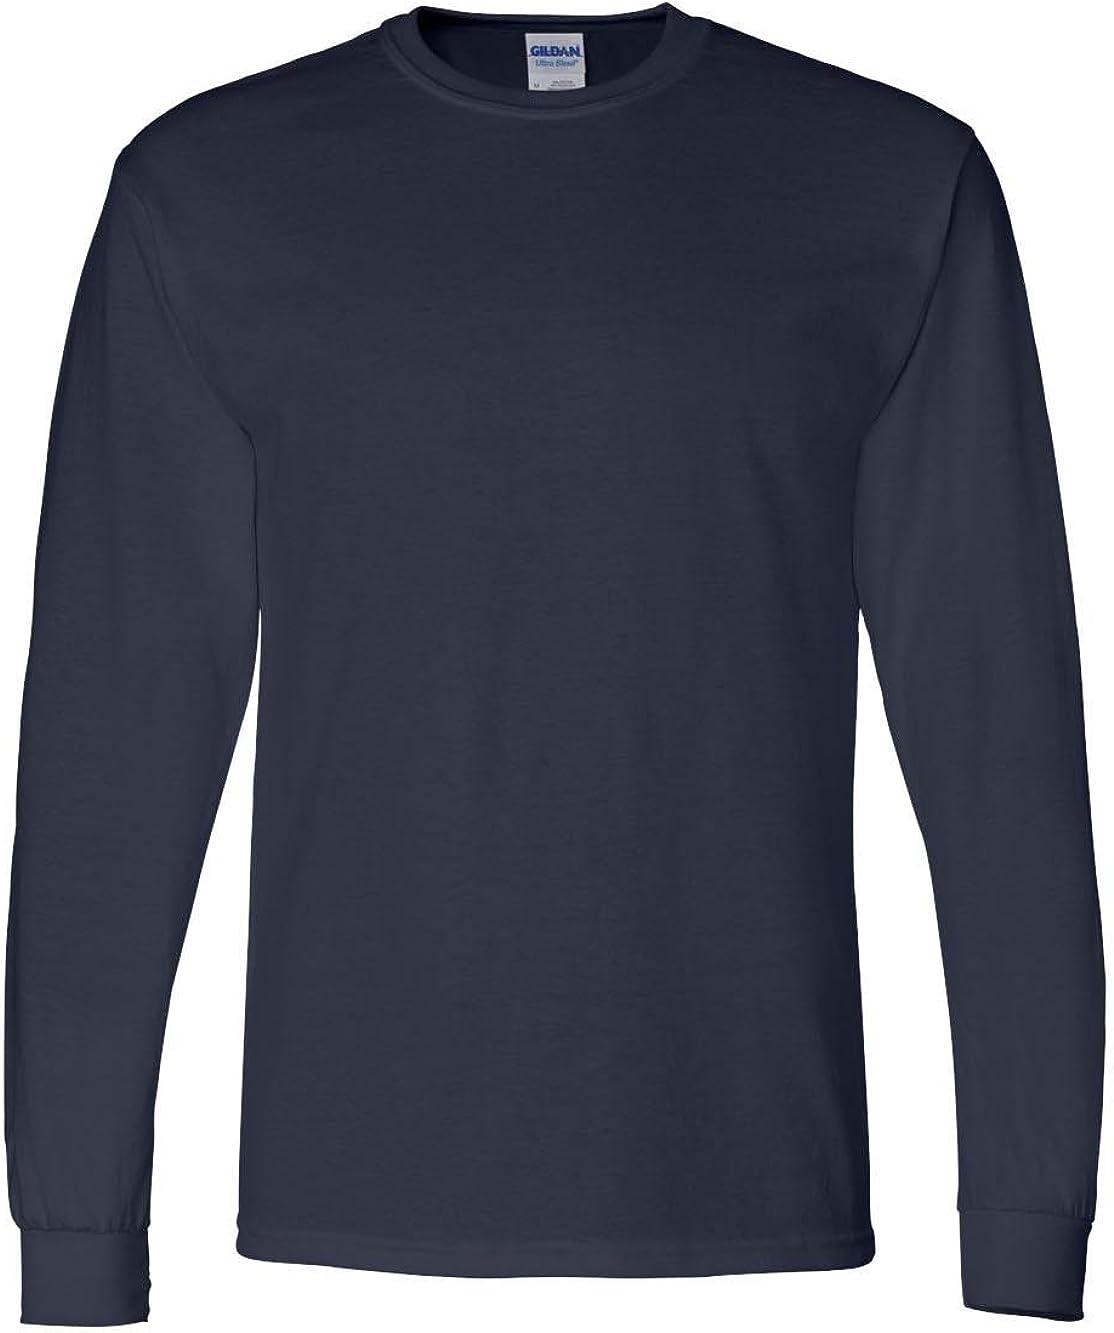 Gildan Adult DryBlendTM Long-Sleeve T-Shirt